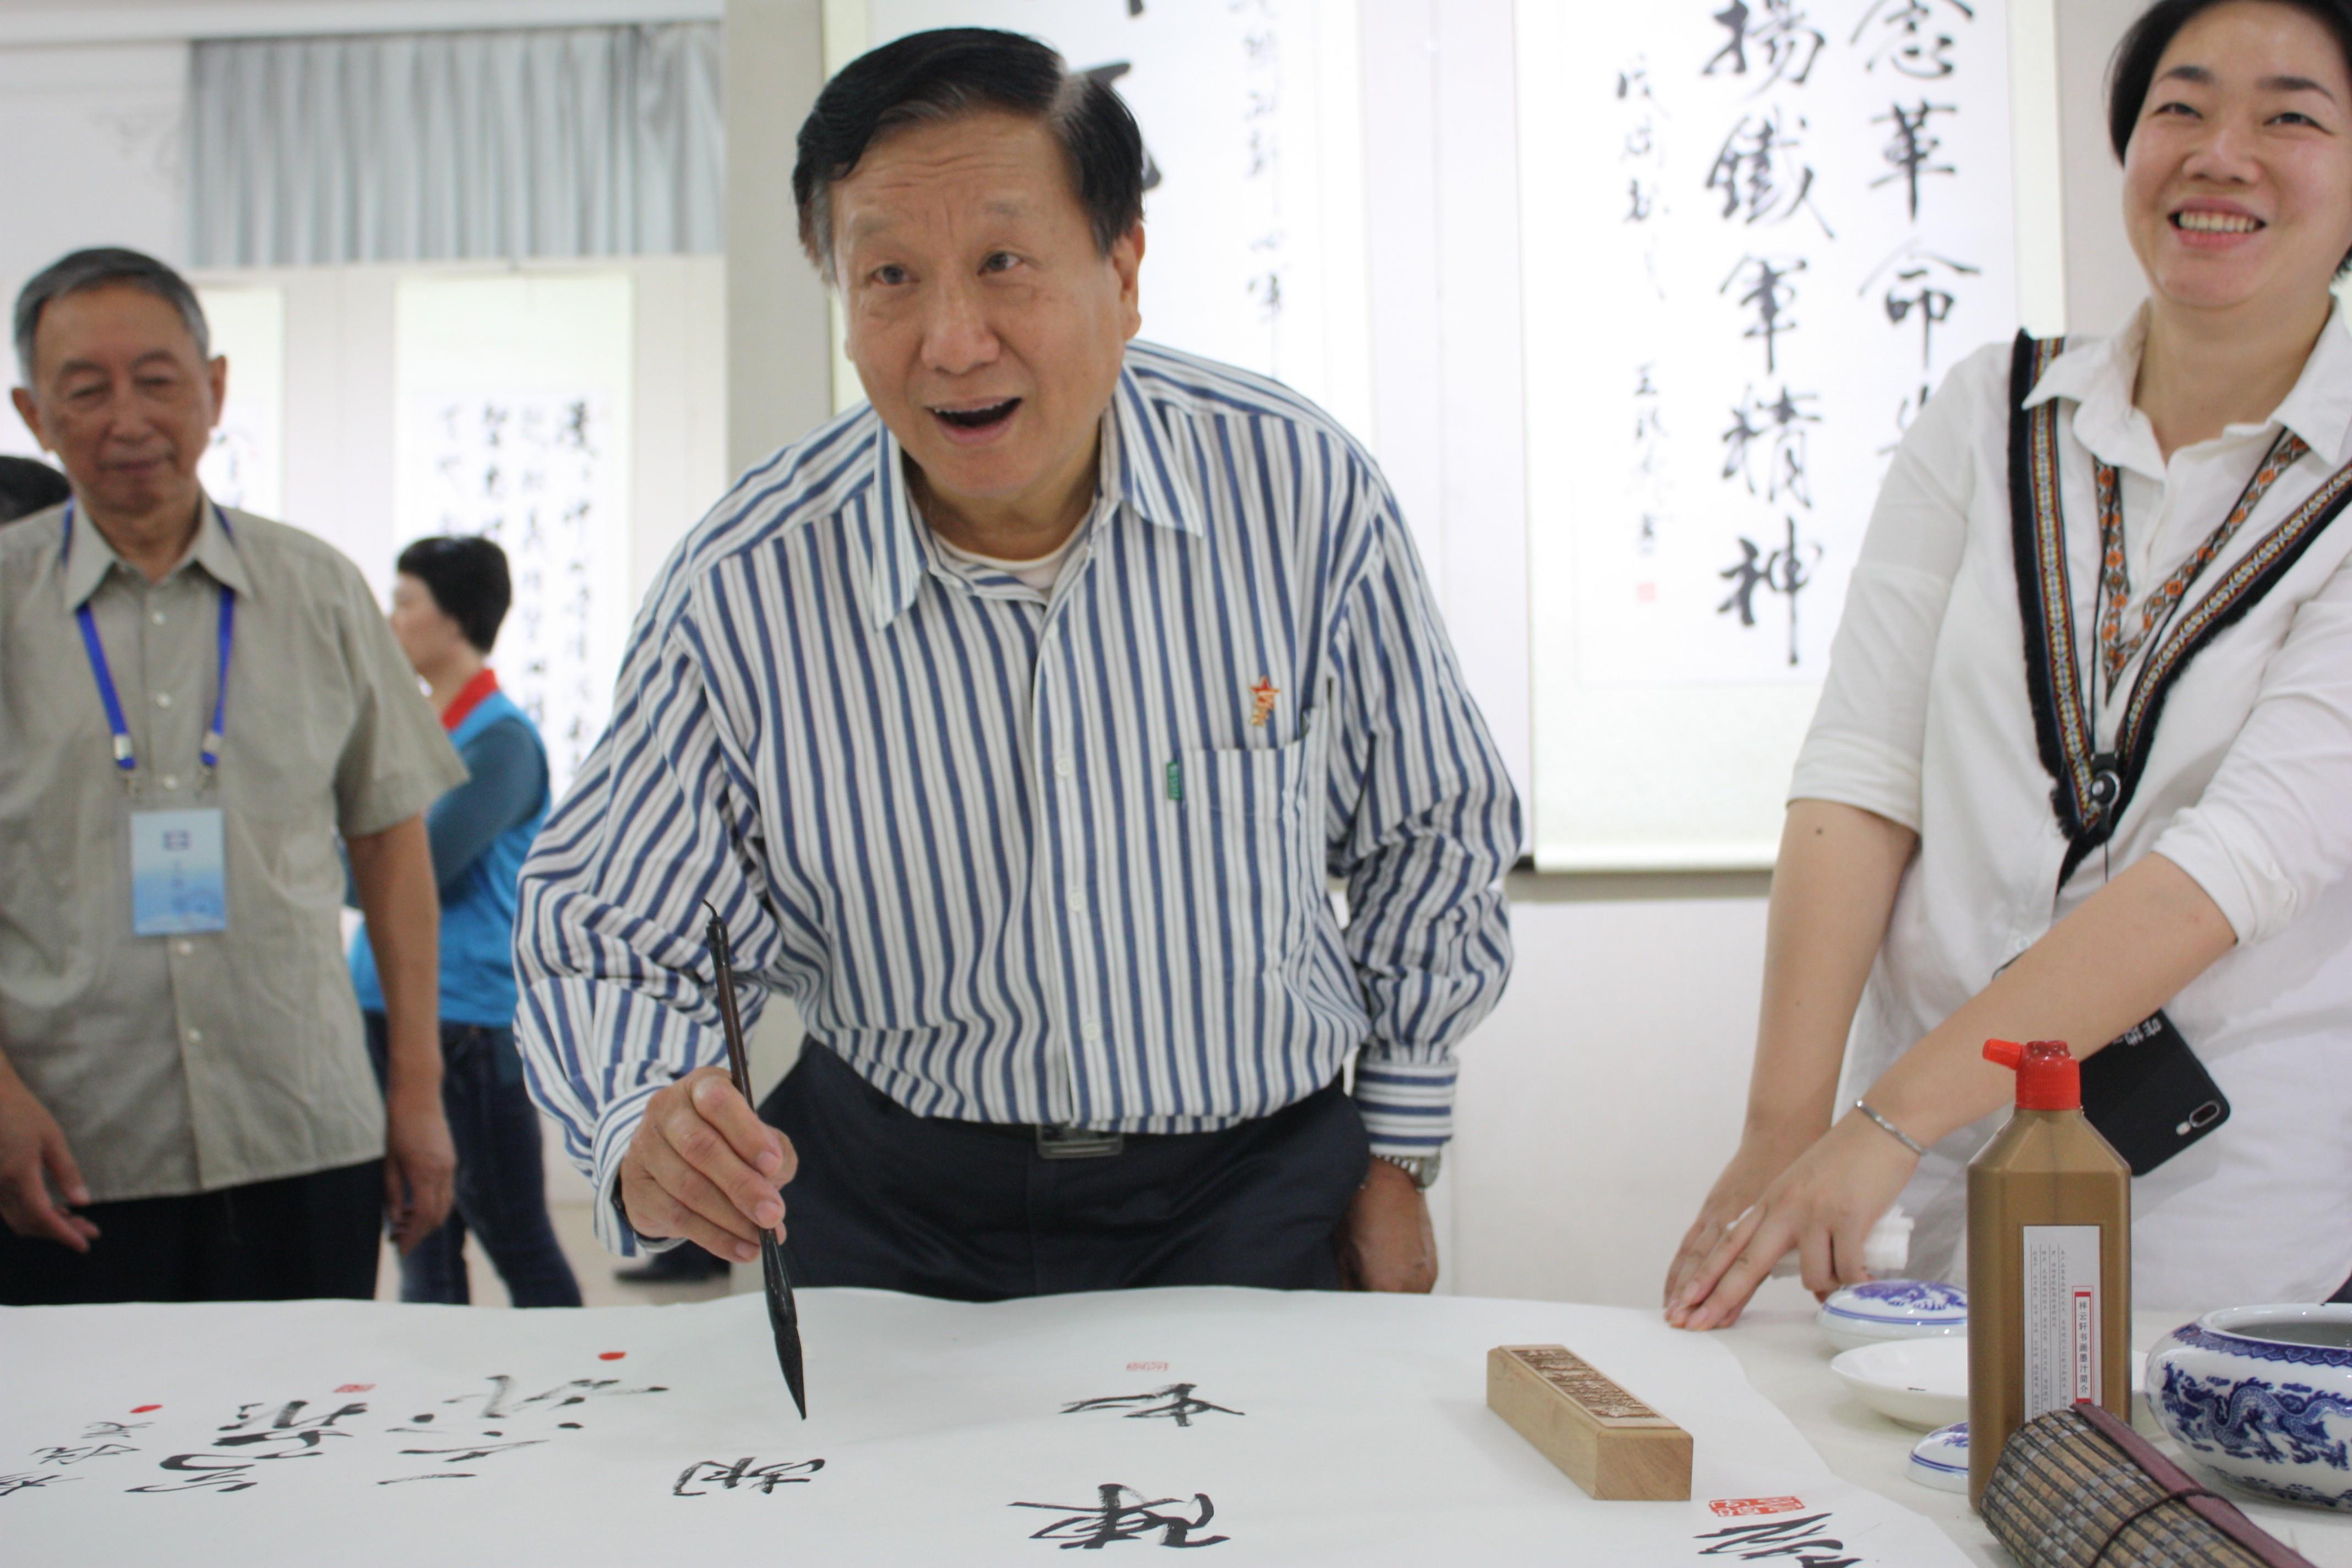 北京新四军研究会副会长兼宣传委员会主任胡继军签名留念.JPG